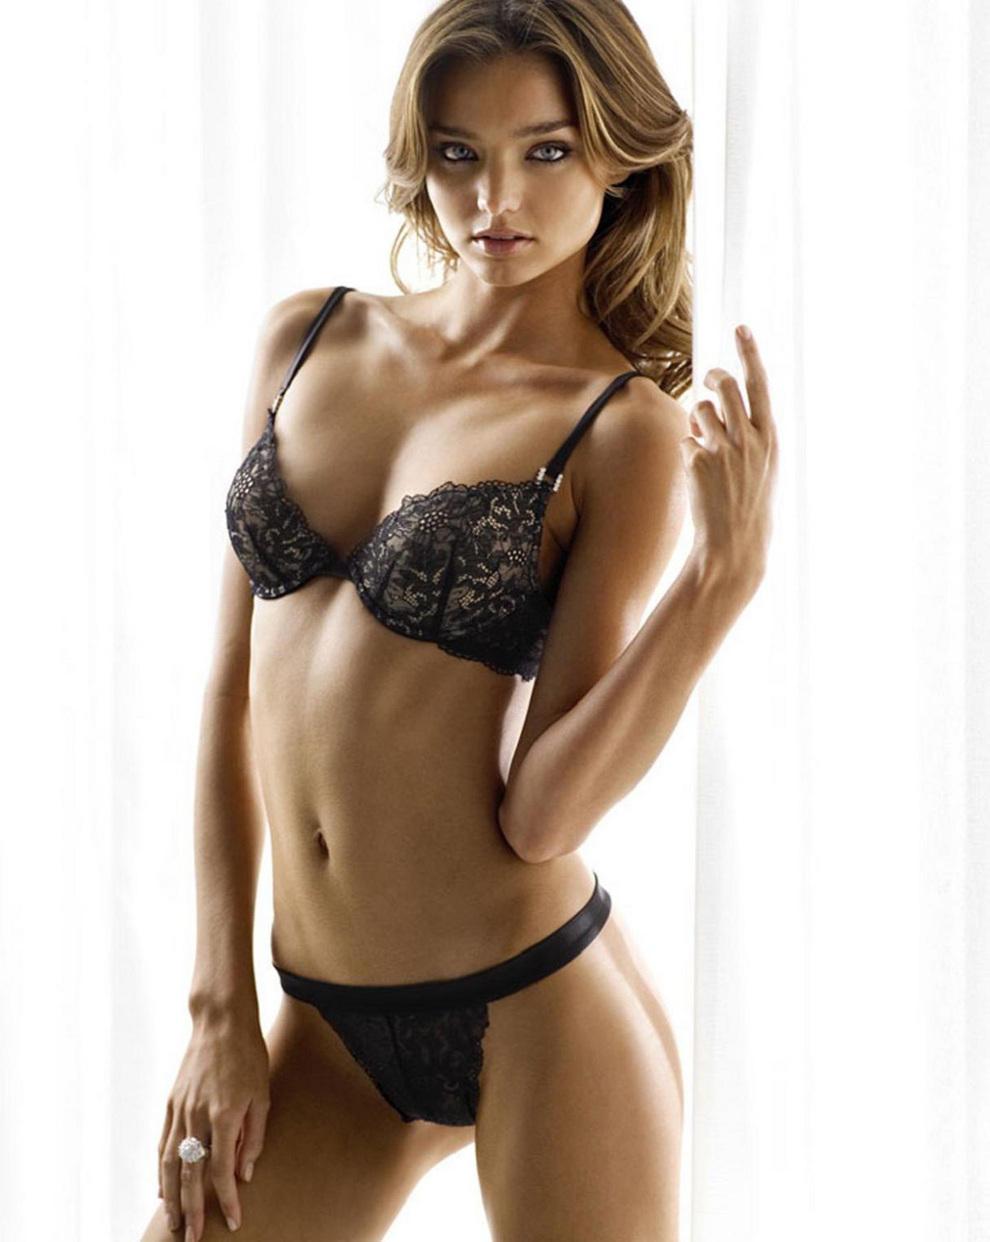 Miranda Kerr Sexy Images